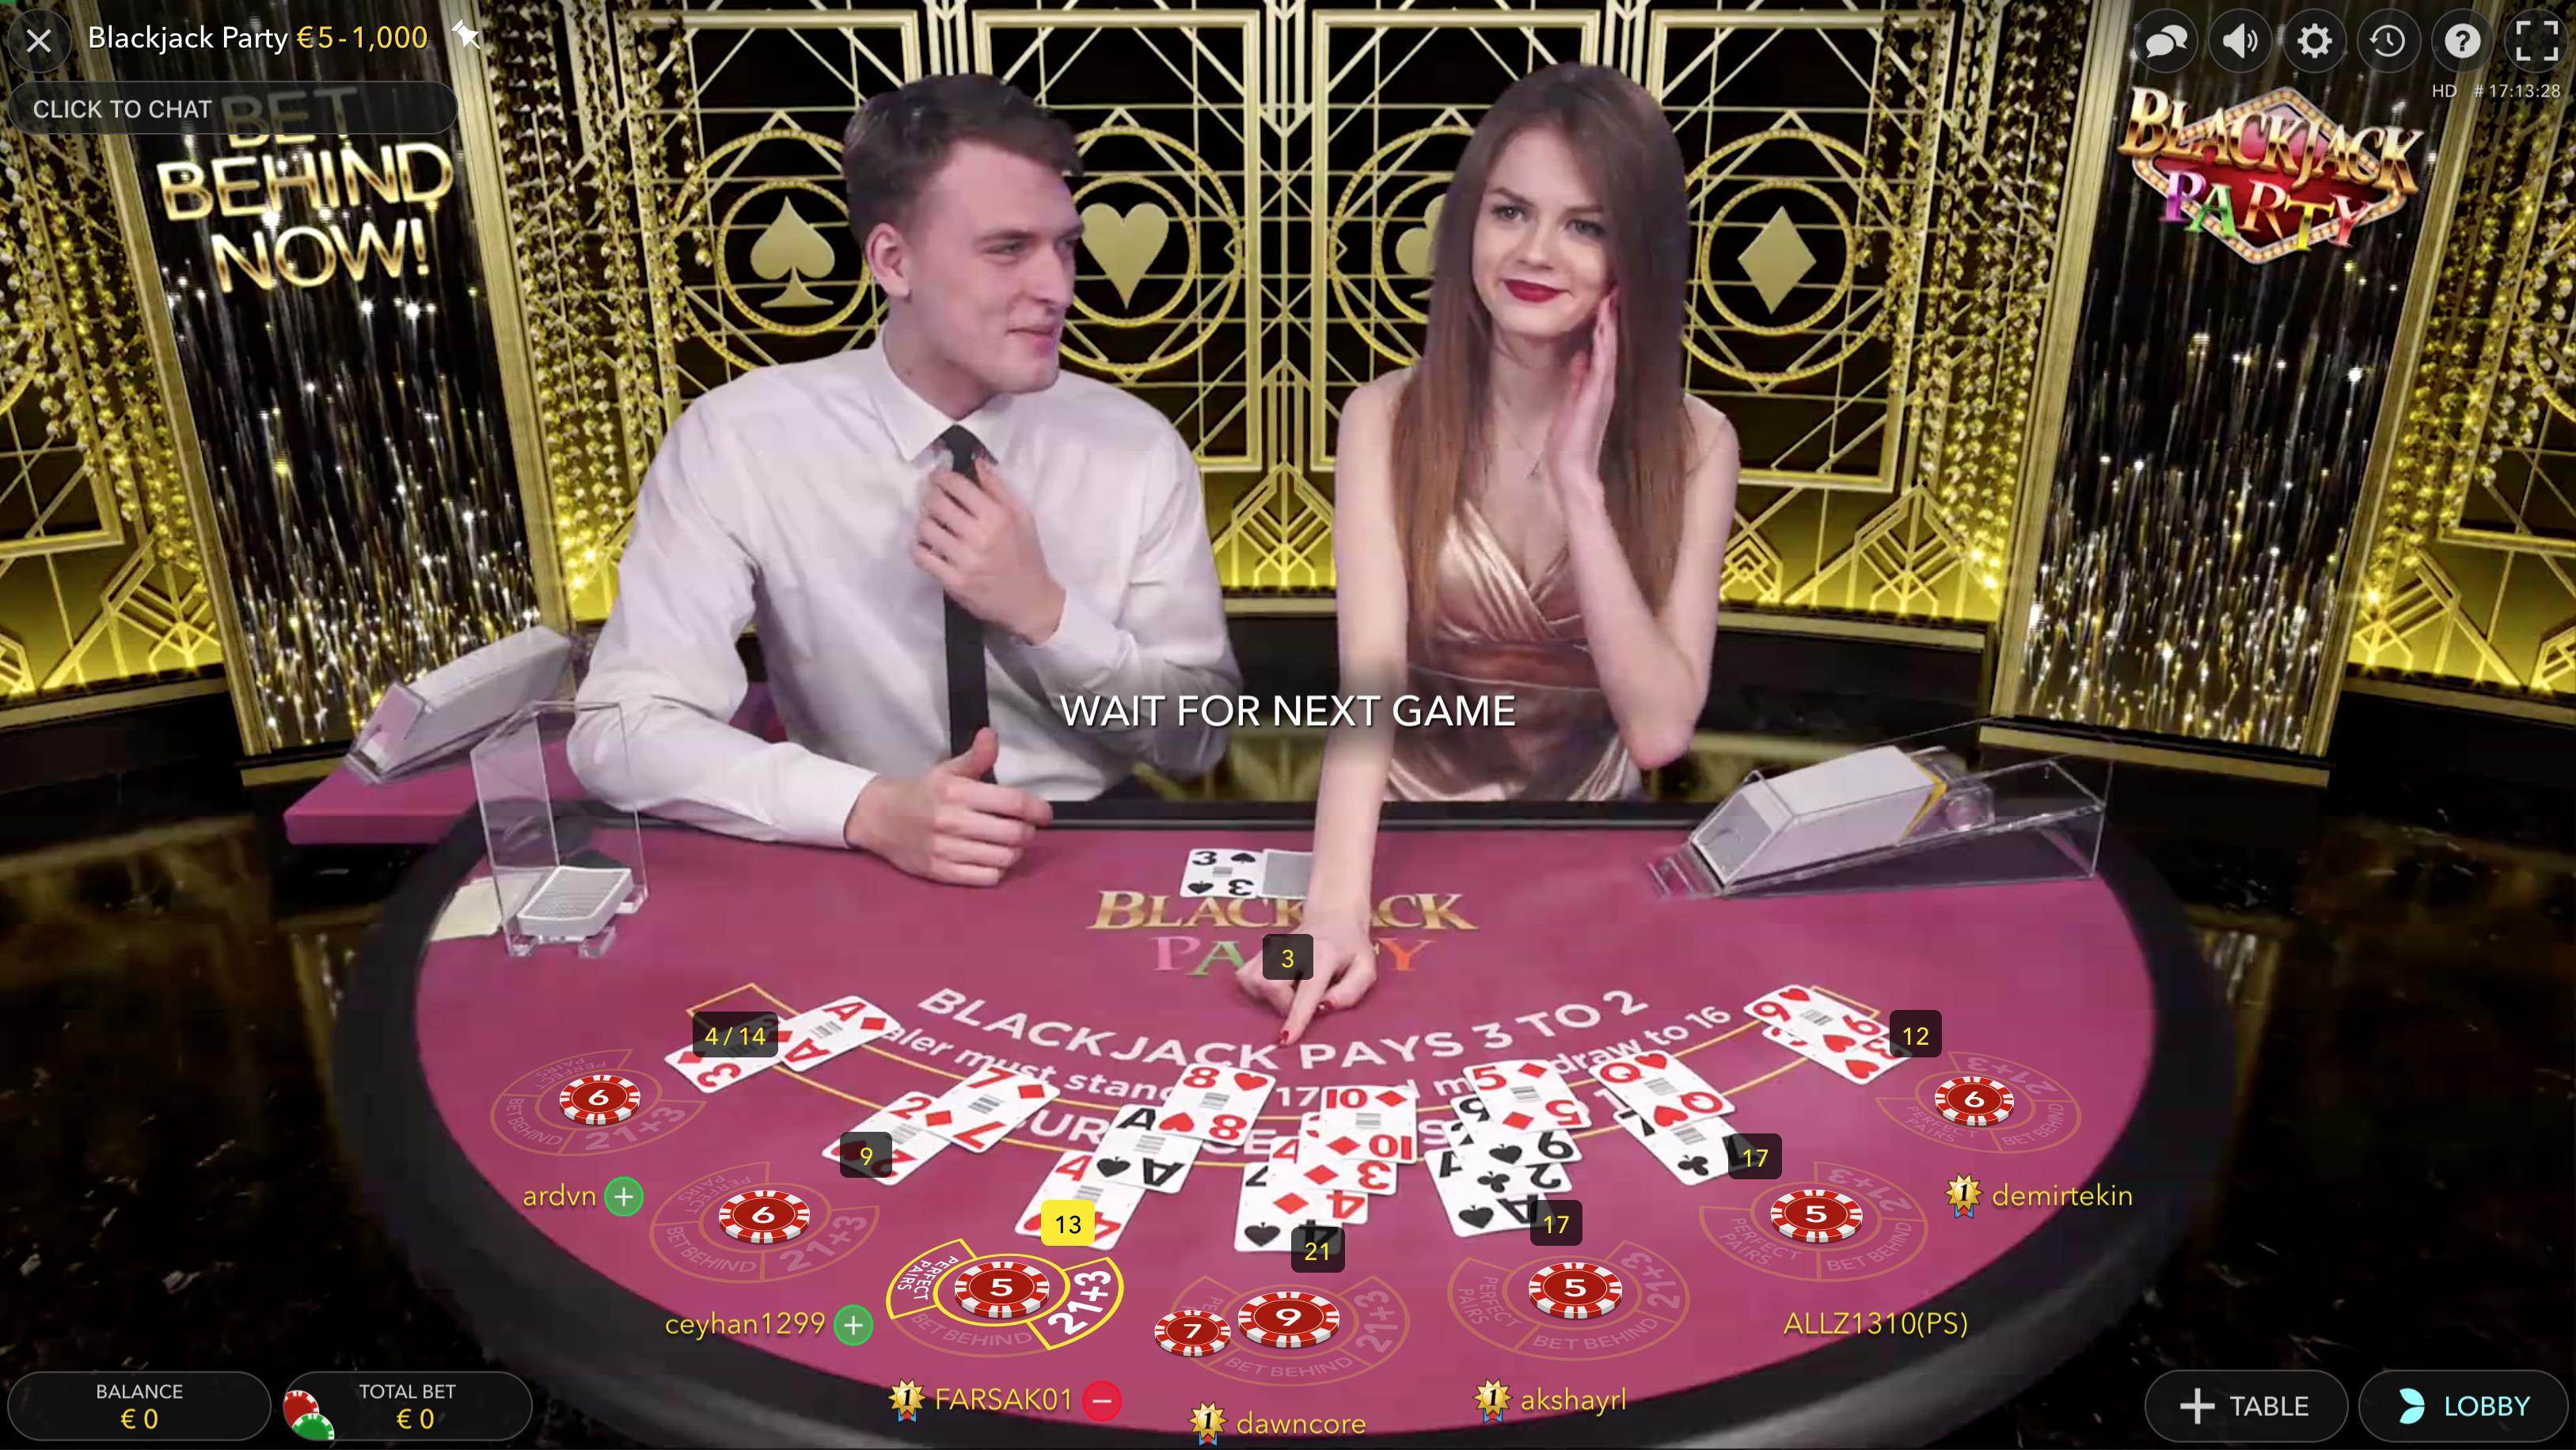 blackjack kartenspiel 21_blackjack online spielen_anleitung_Labouchere